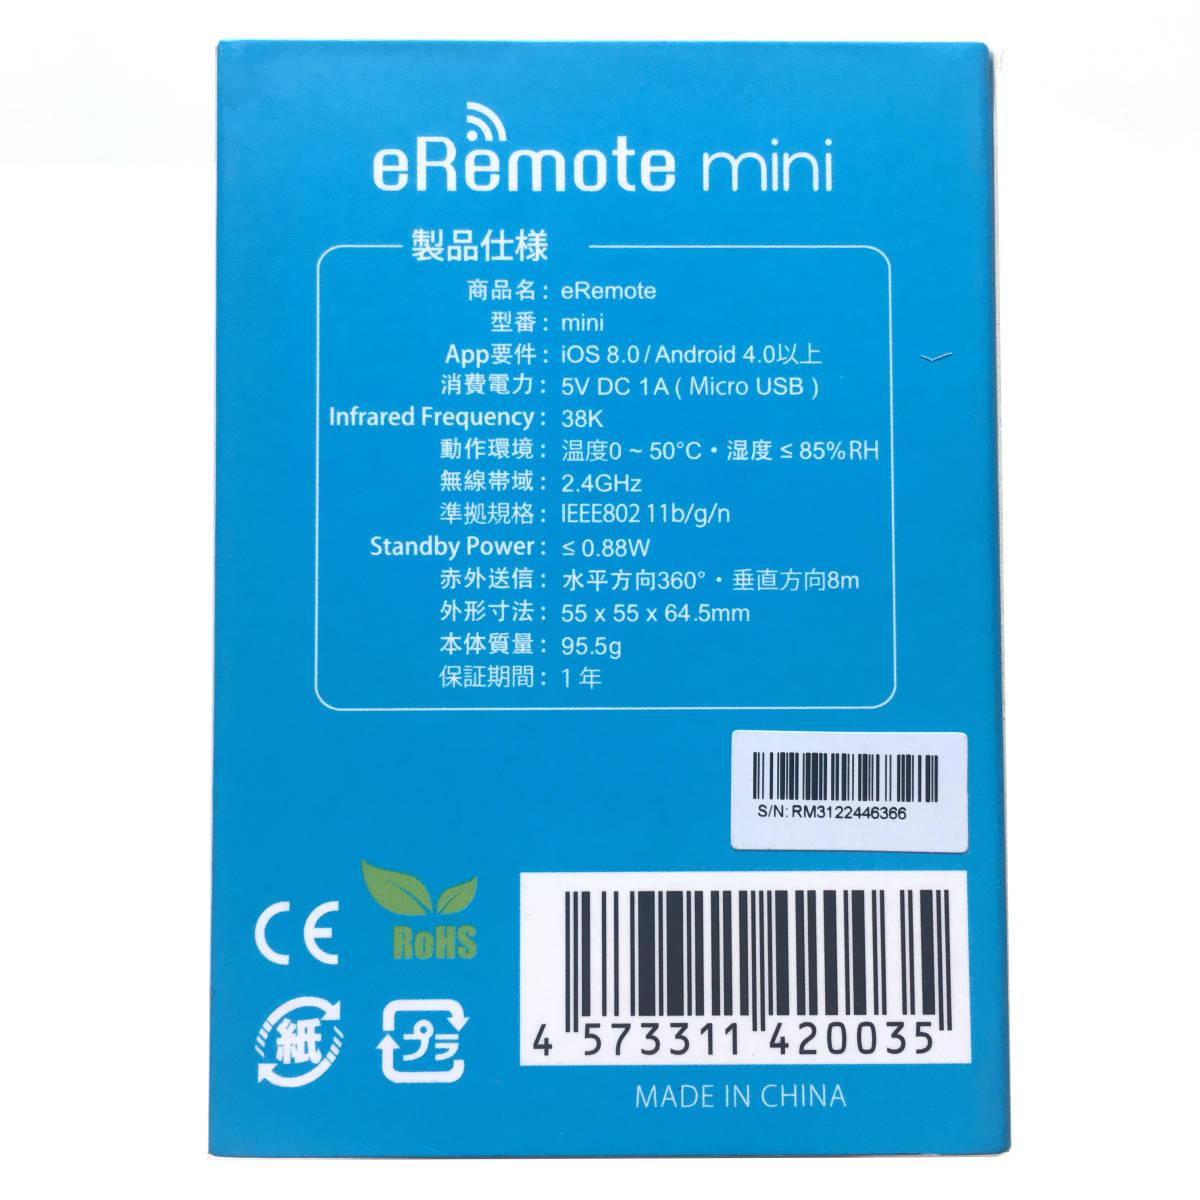 【新品・未開封】 Amazon echo show 5 Alexa 対応 スマートスピーカー + LinkJapan eRemote mini IoT リモコン セット IFTTT 対応_画像9